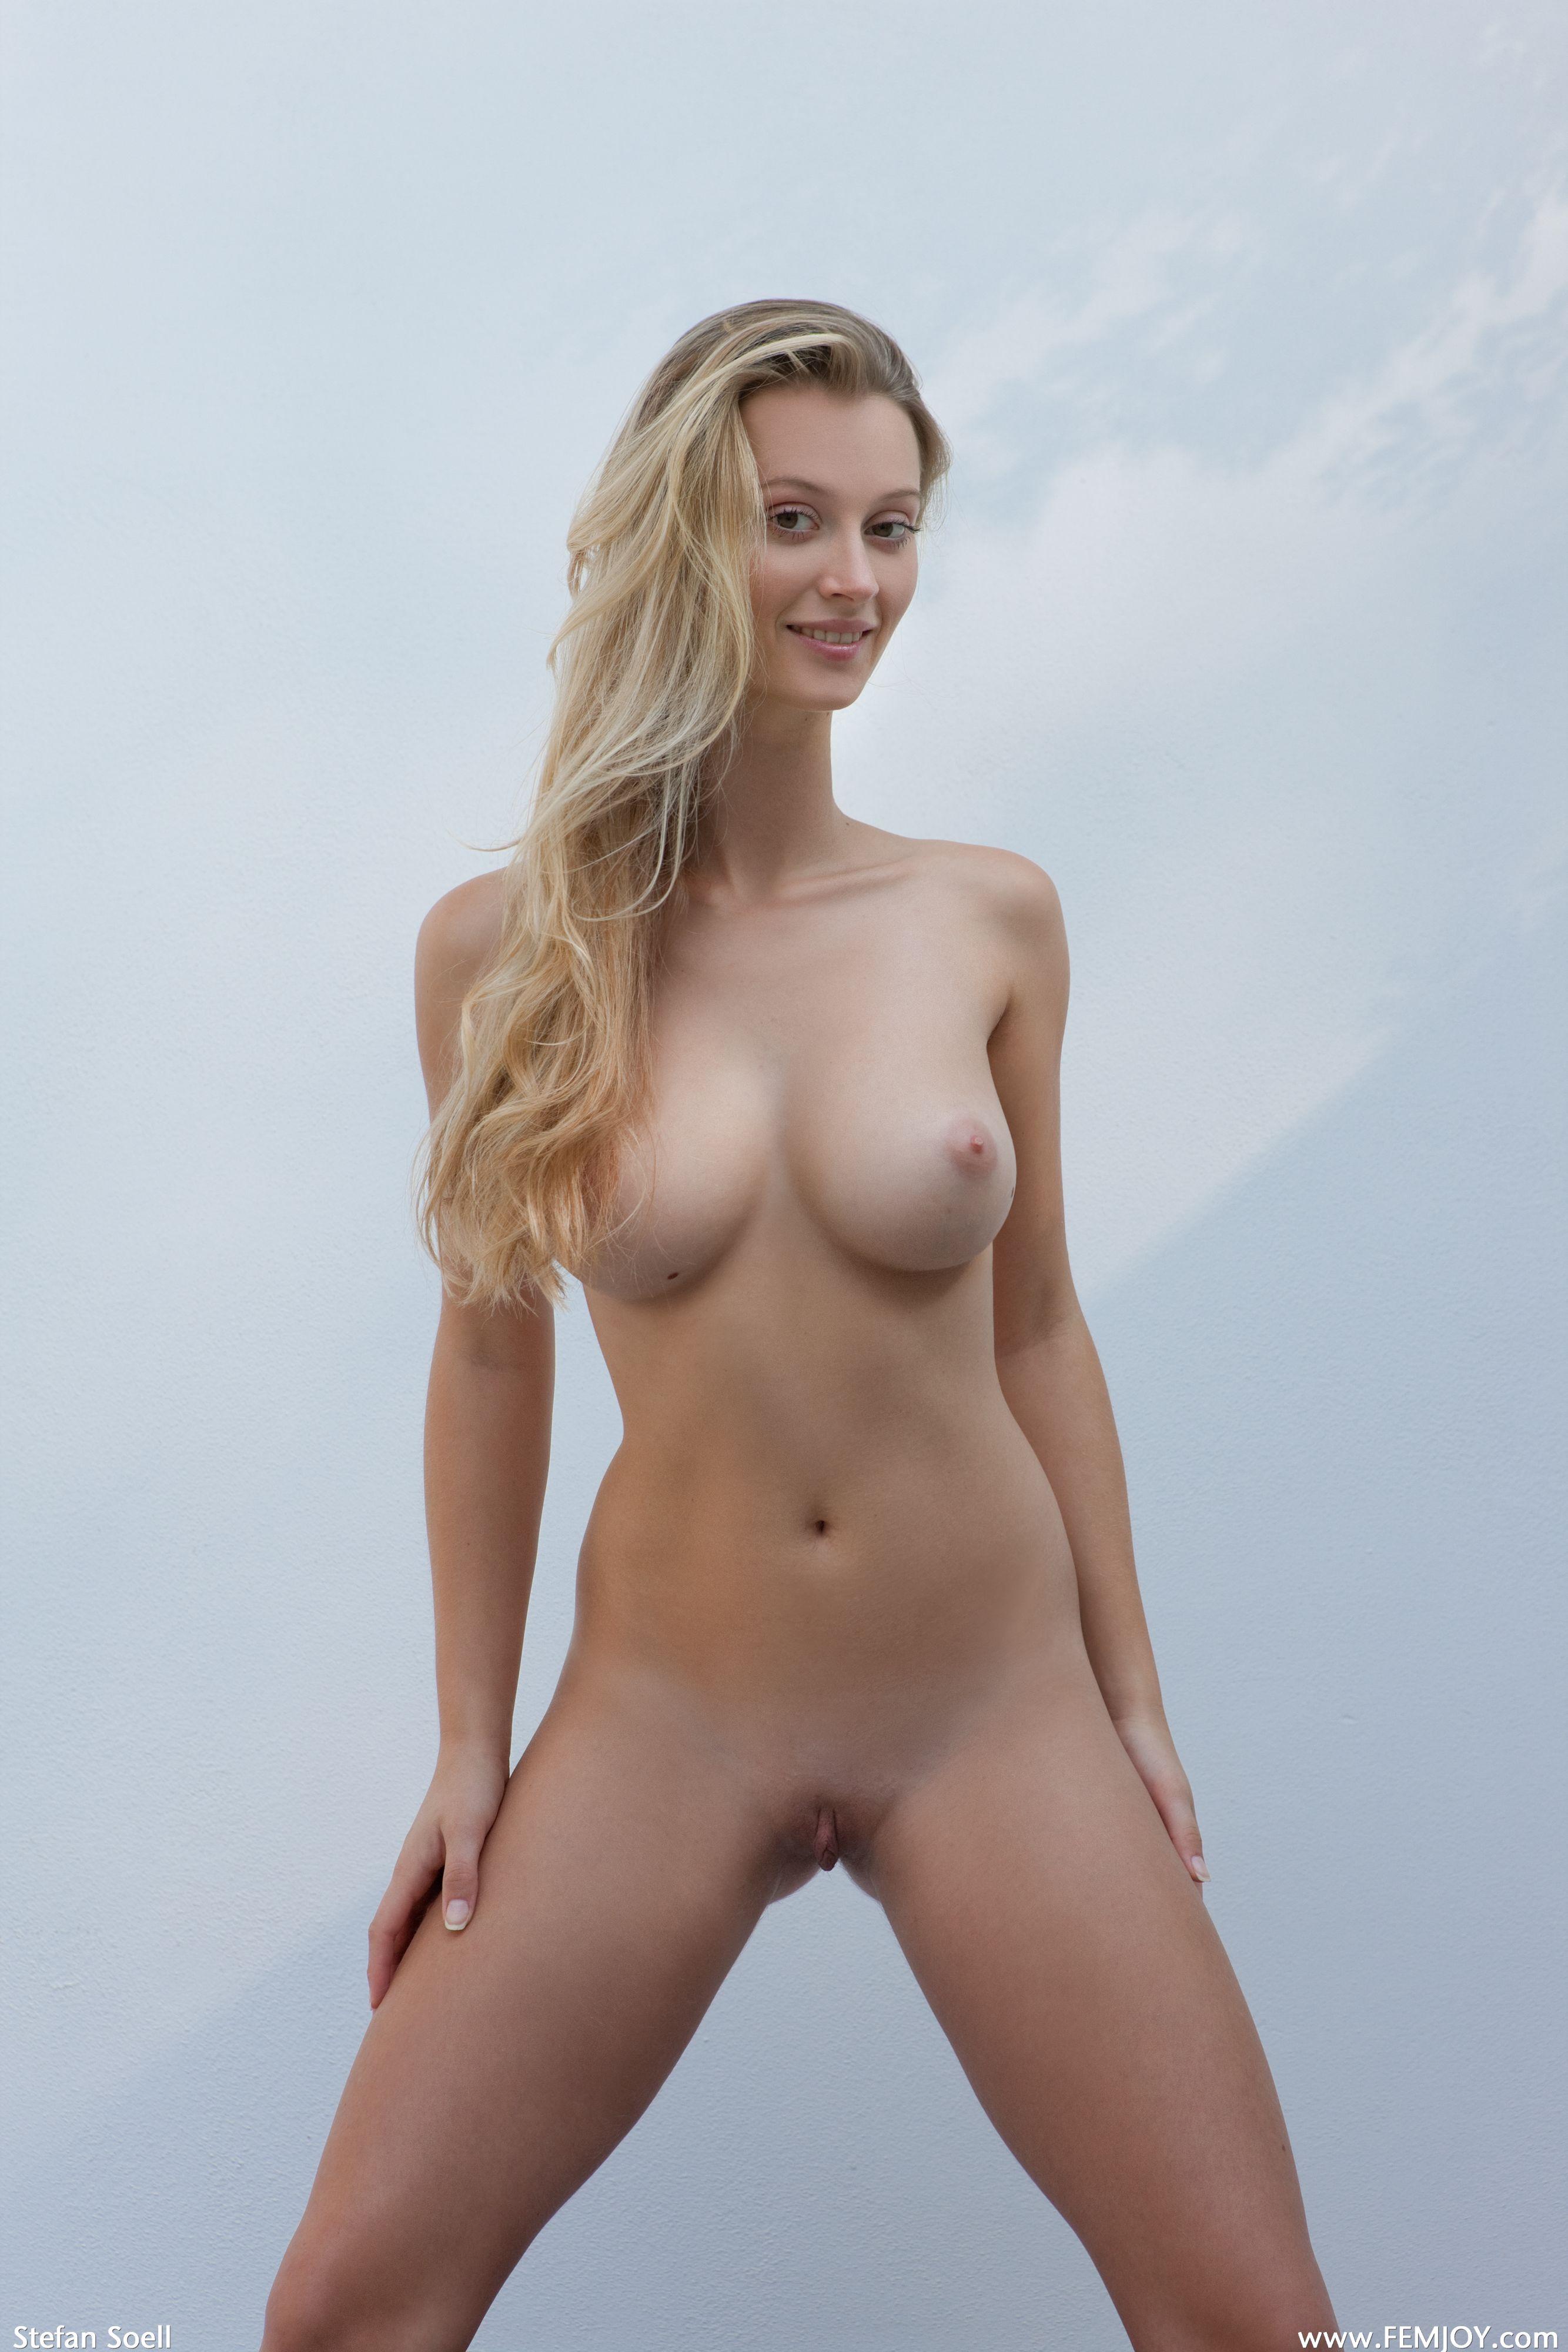 Частное порно фото девушек с красивой грудью 18 фотография